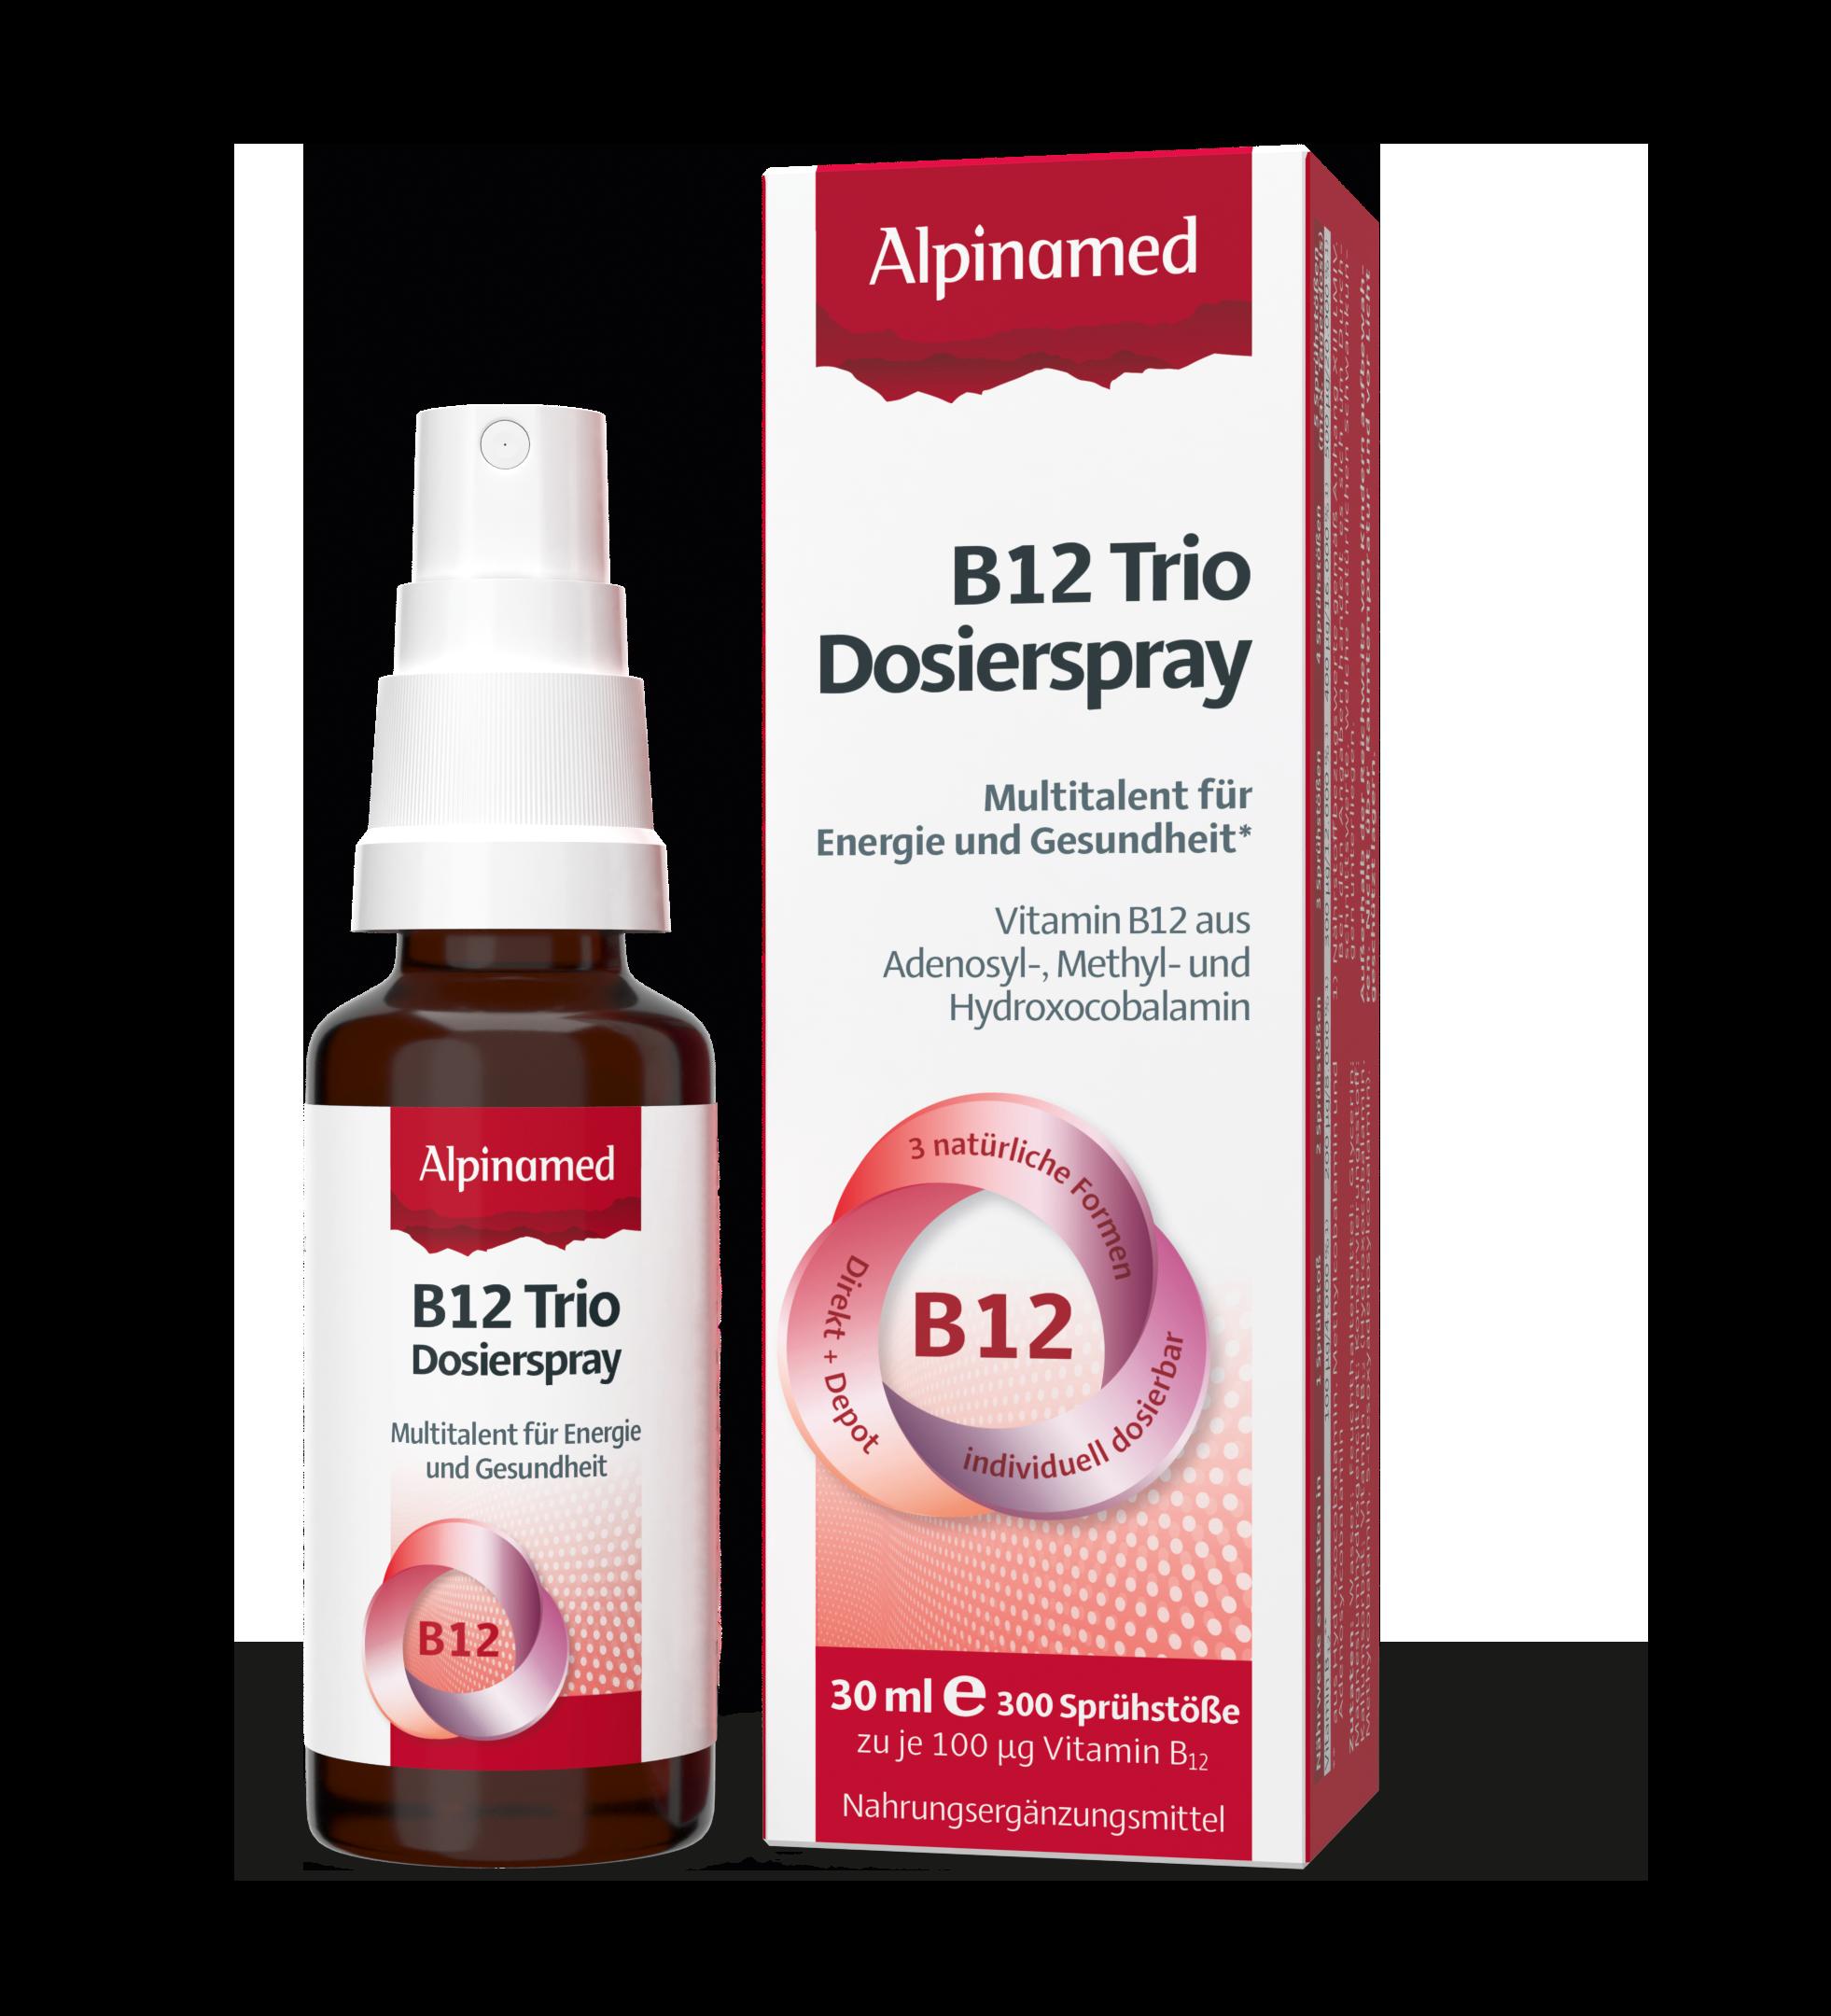 Alpinamed® B12 Trio Dosierspray